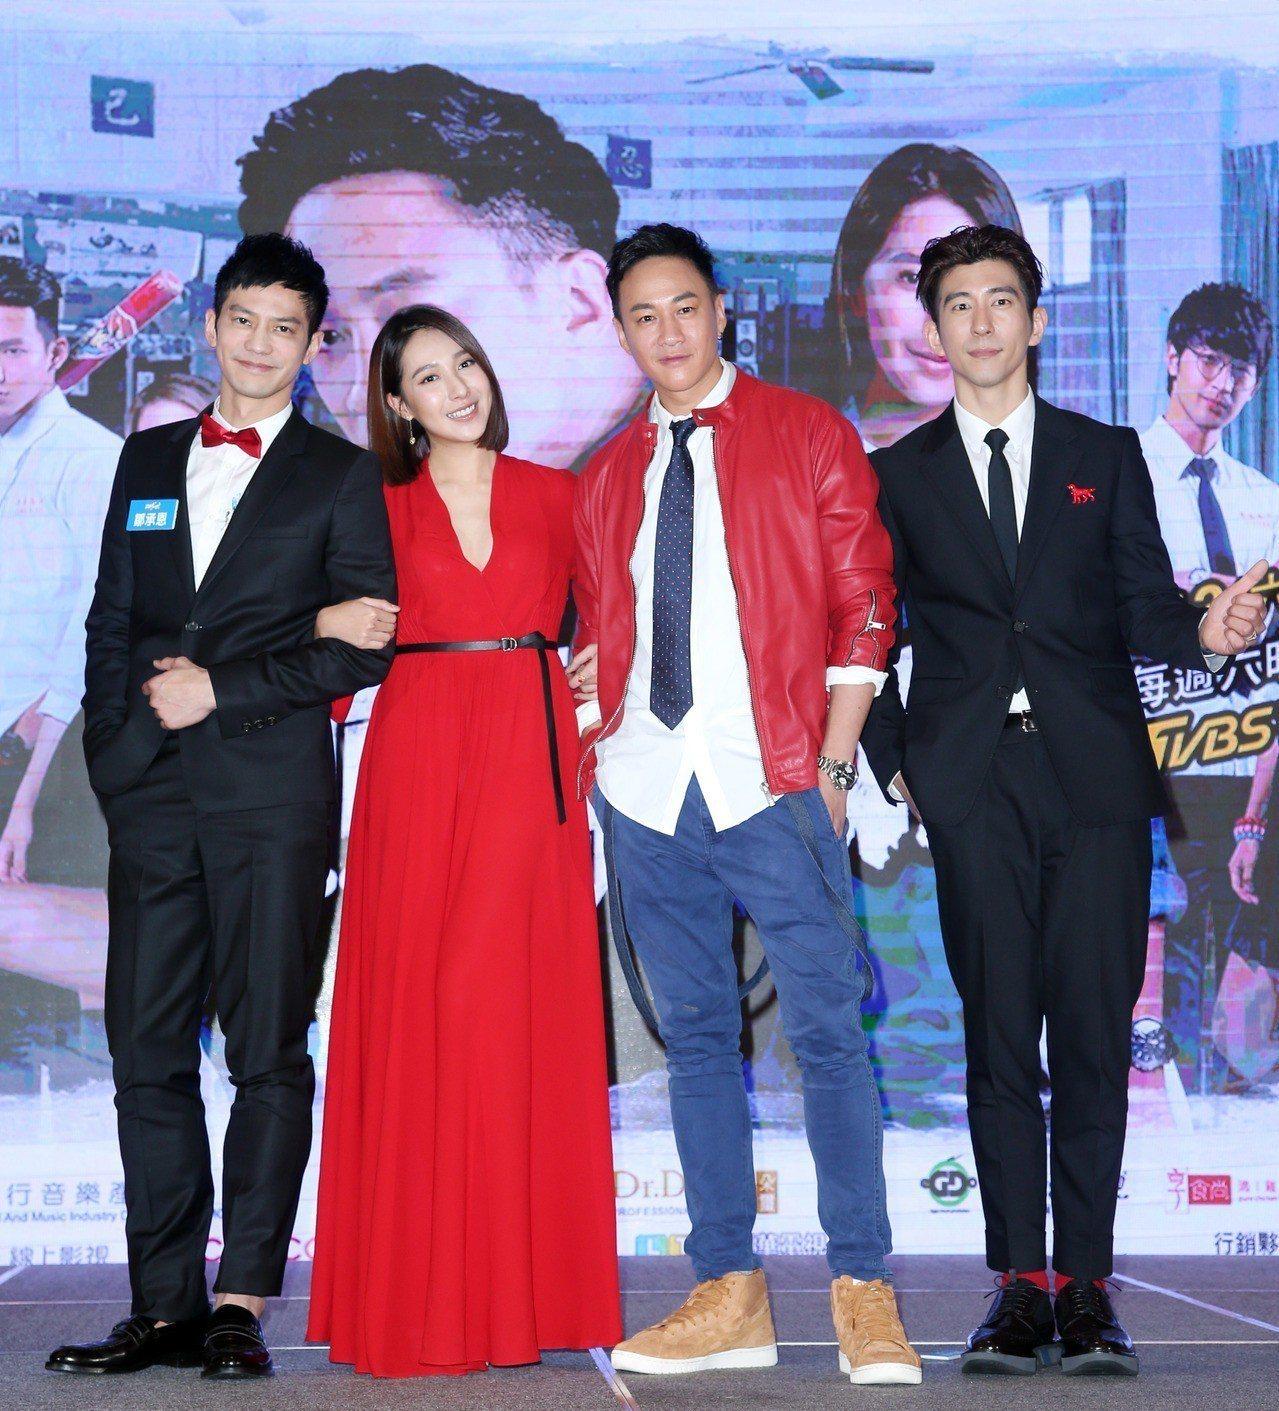 修杰楷(右起)、何潤東、楊晴、鄒承恩演出「翻牆的記憶」。本報資料照片